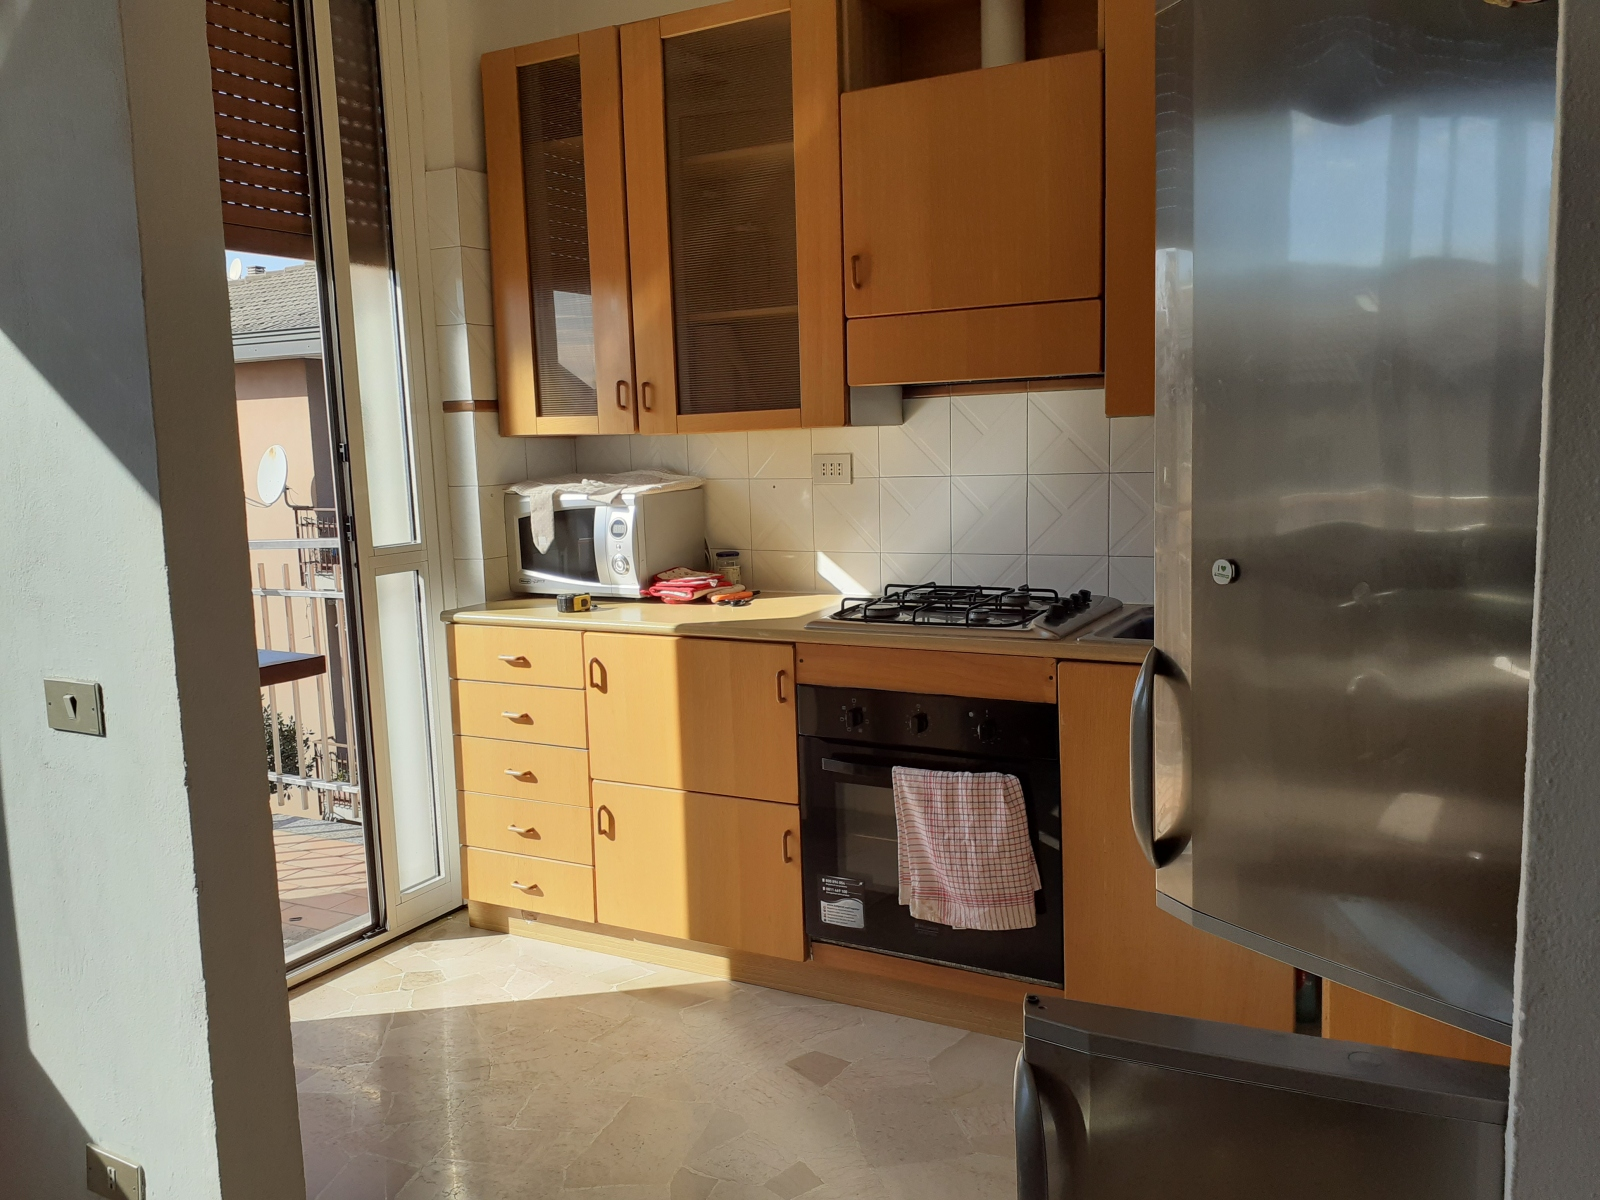 appartamento-in-vendita-a-cornaredo-milano-3-locali-trilocale-spaziourbano-immobiliare-vende-18